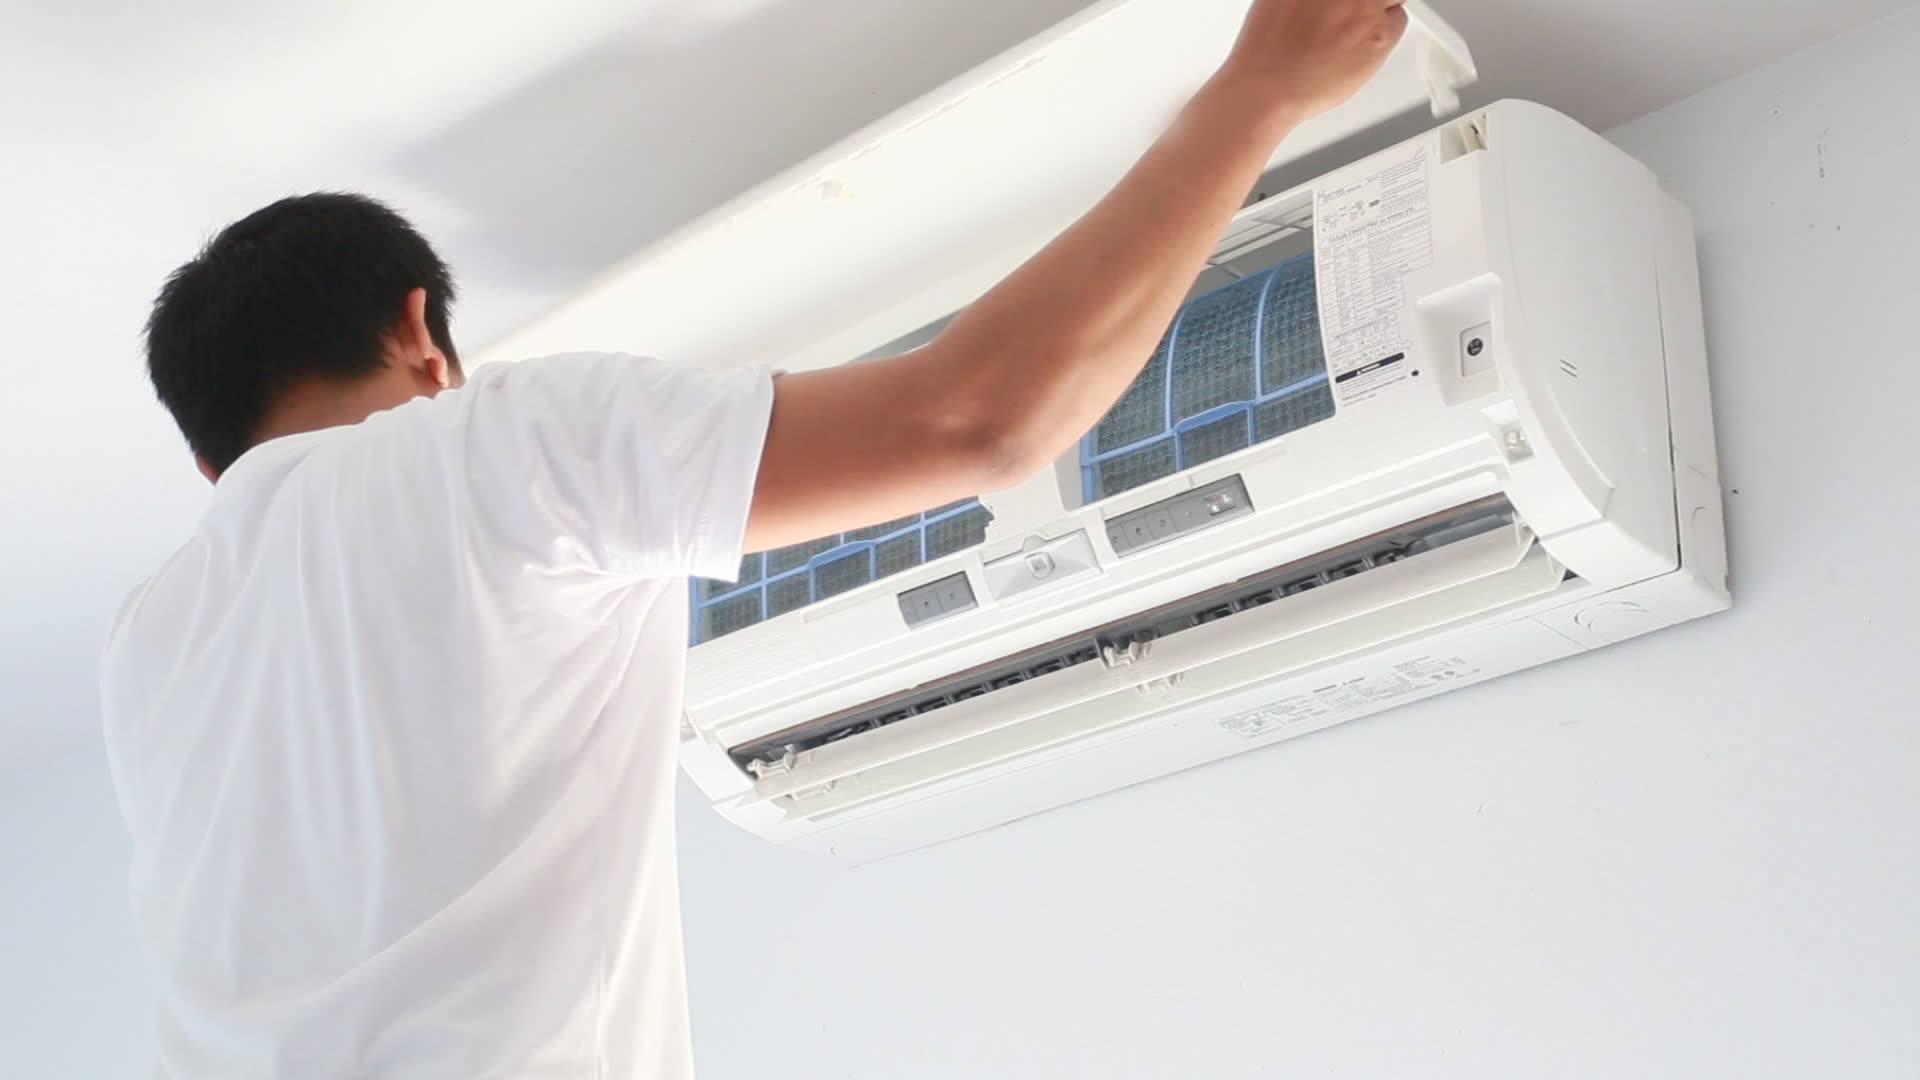 Como Fazer Curso de Instalação e Manutenção de Ar Condicionado